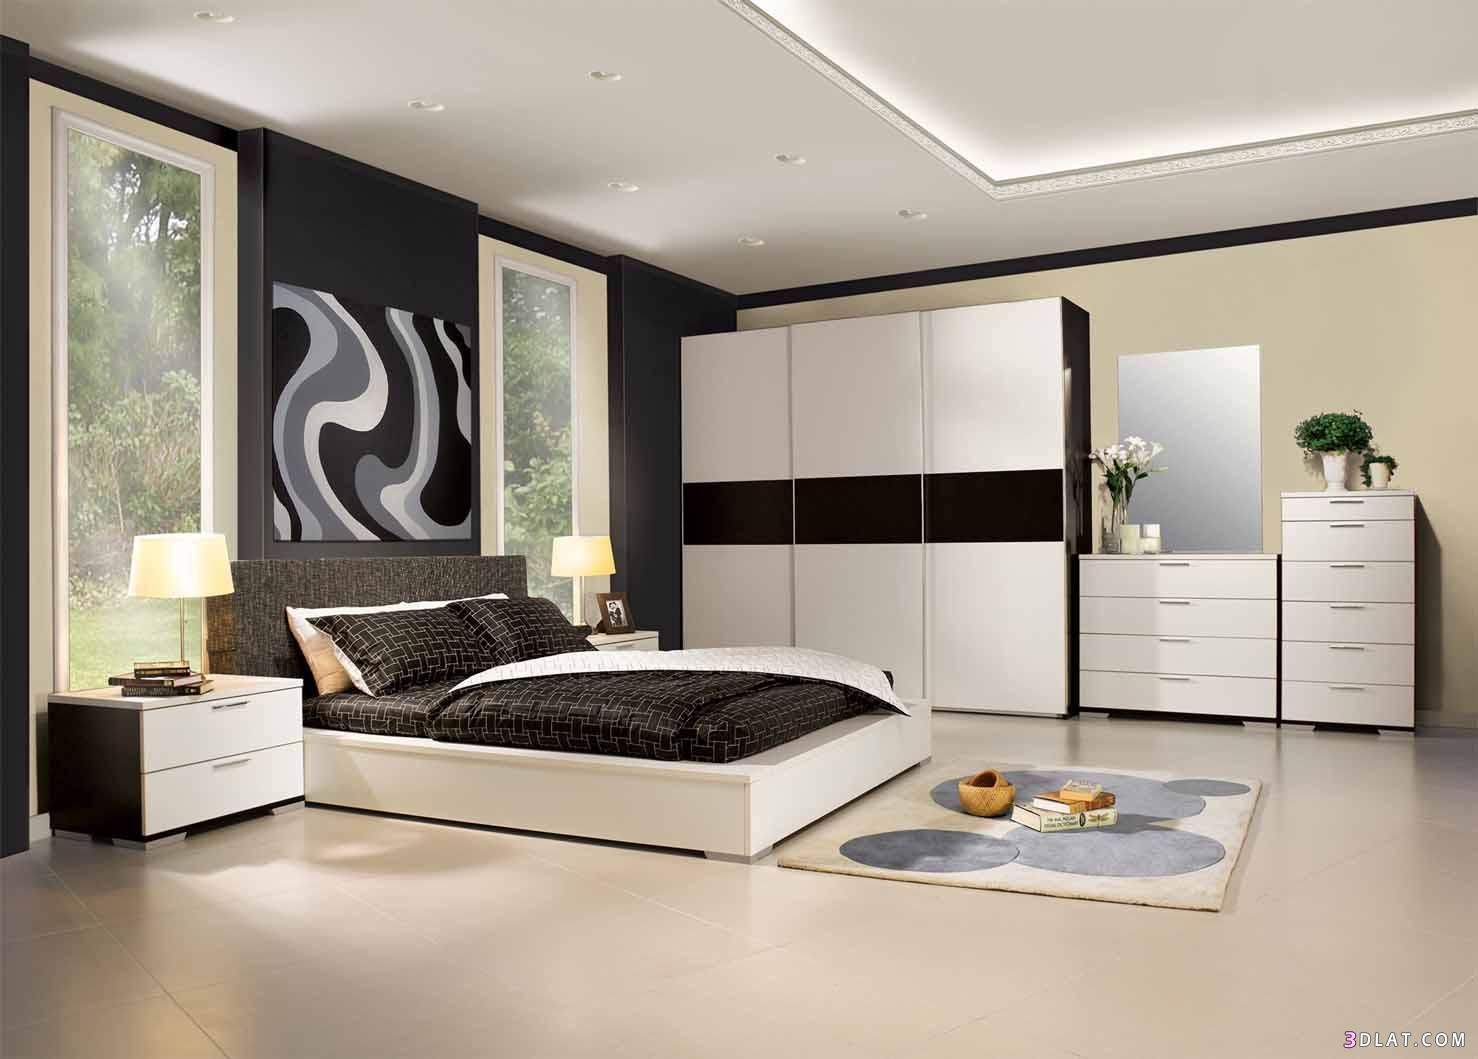 بالصور ديكورات غرف نوم عصرية 20160704 257